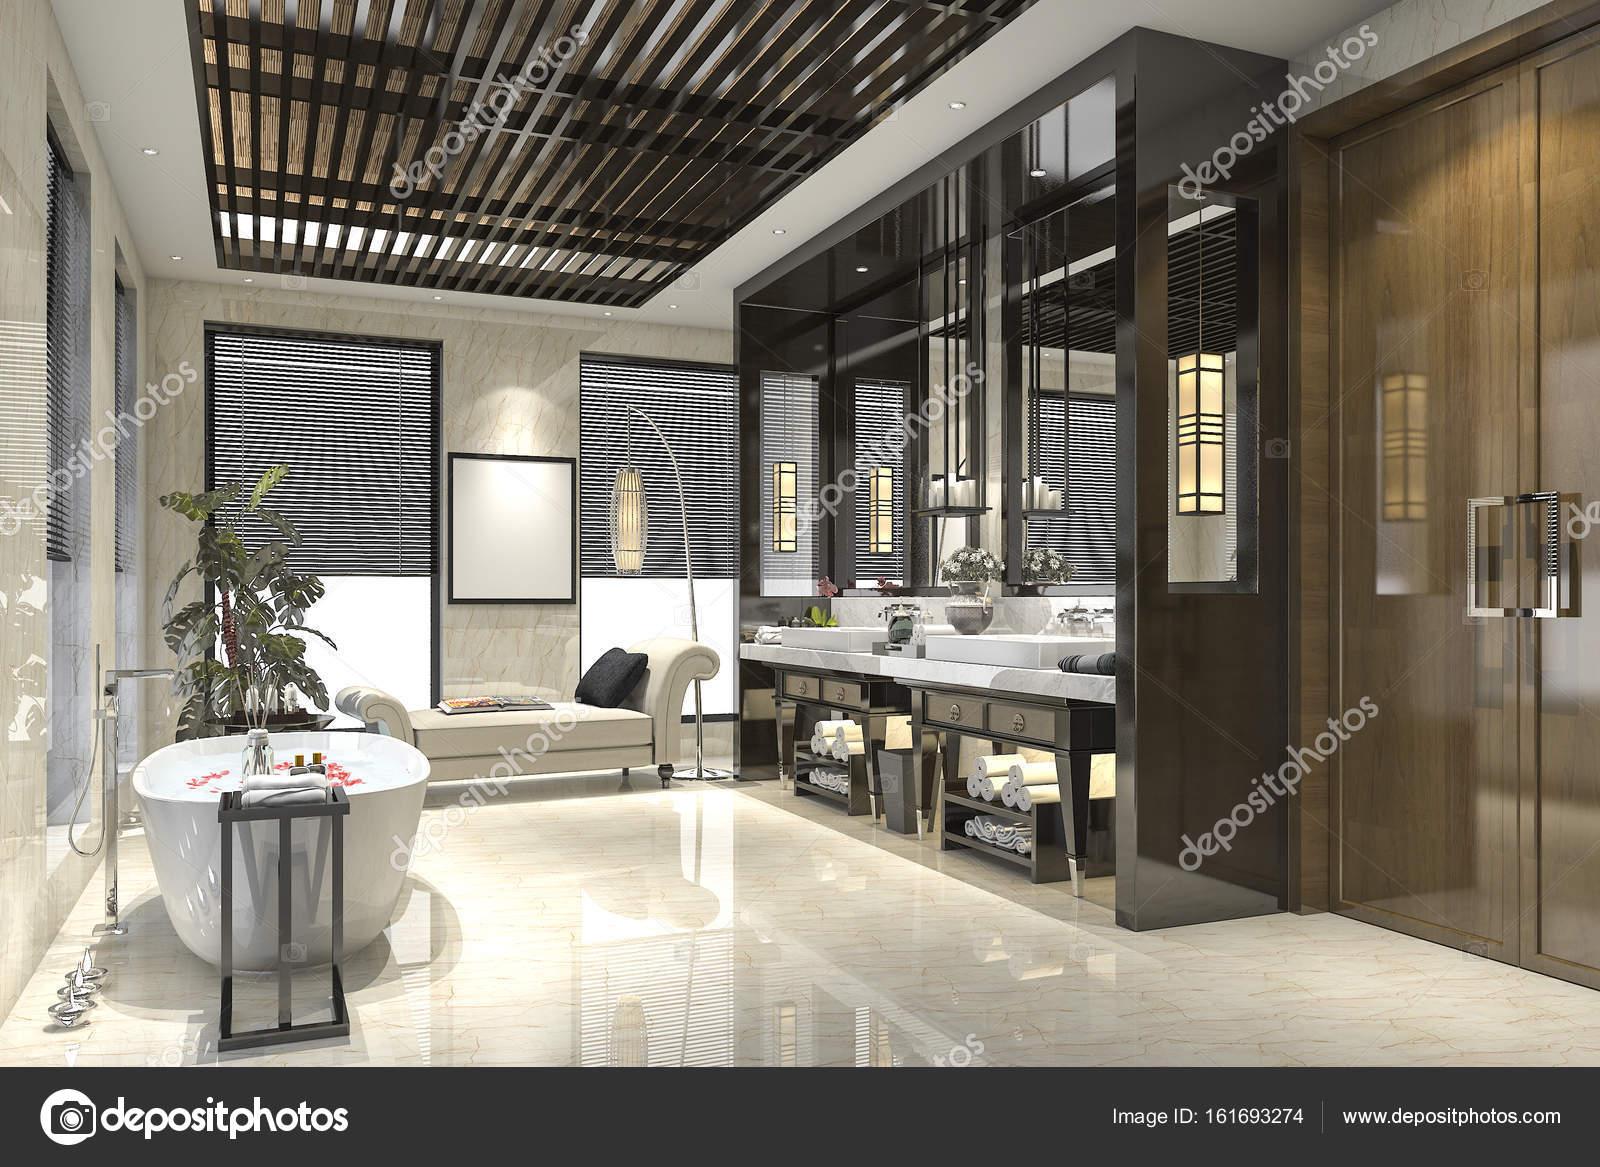 Piastrelle bagno moderno loft con lusso arredamento u2014 foto stock